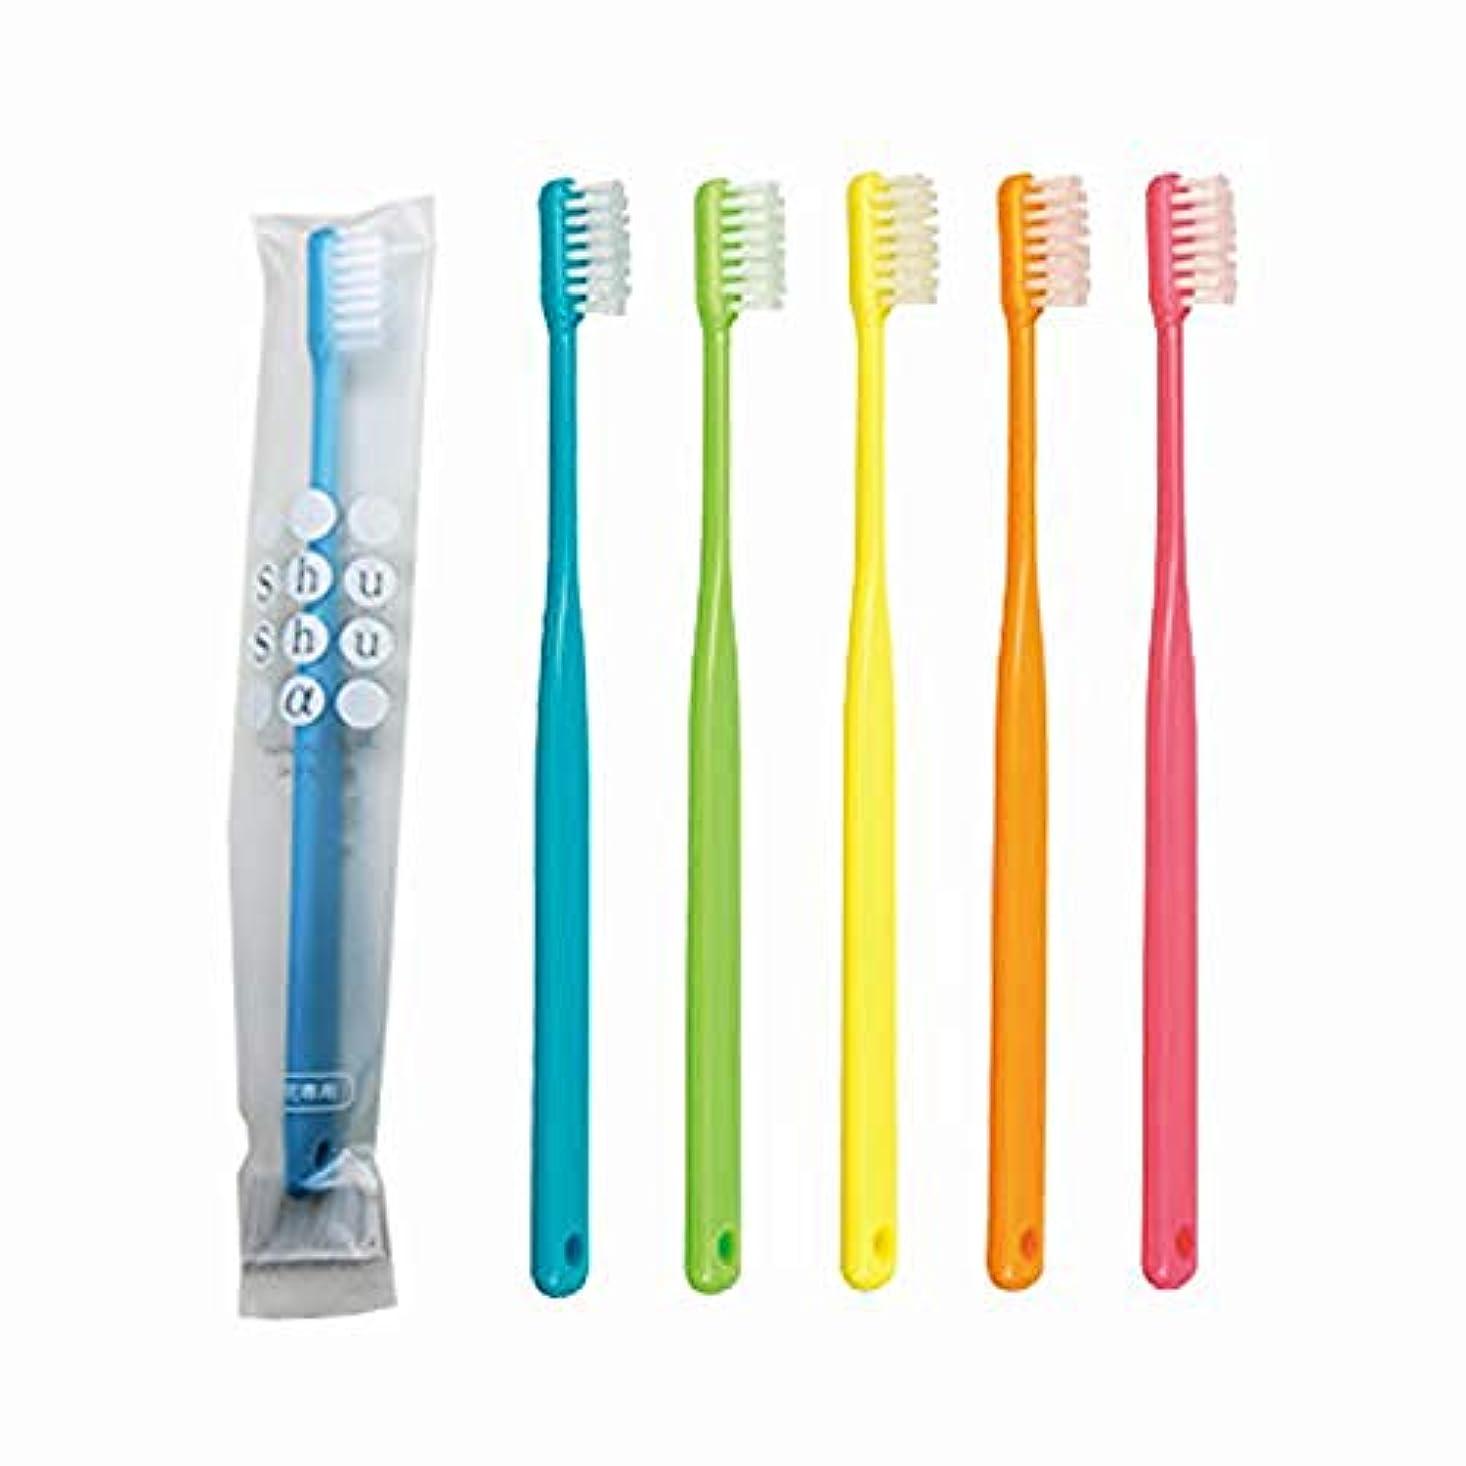 タンク受け入れるベッドを作る歯科専売品 大人用歯ブラシ FEED Shu Shu α(シュシュアルファ)×10本 M(ふつう)